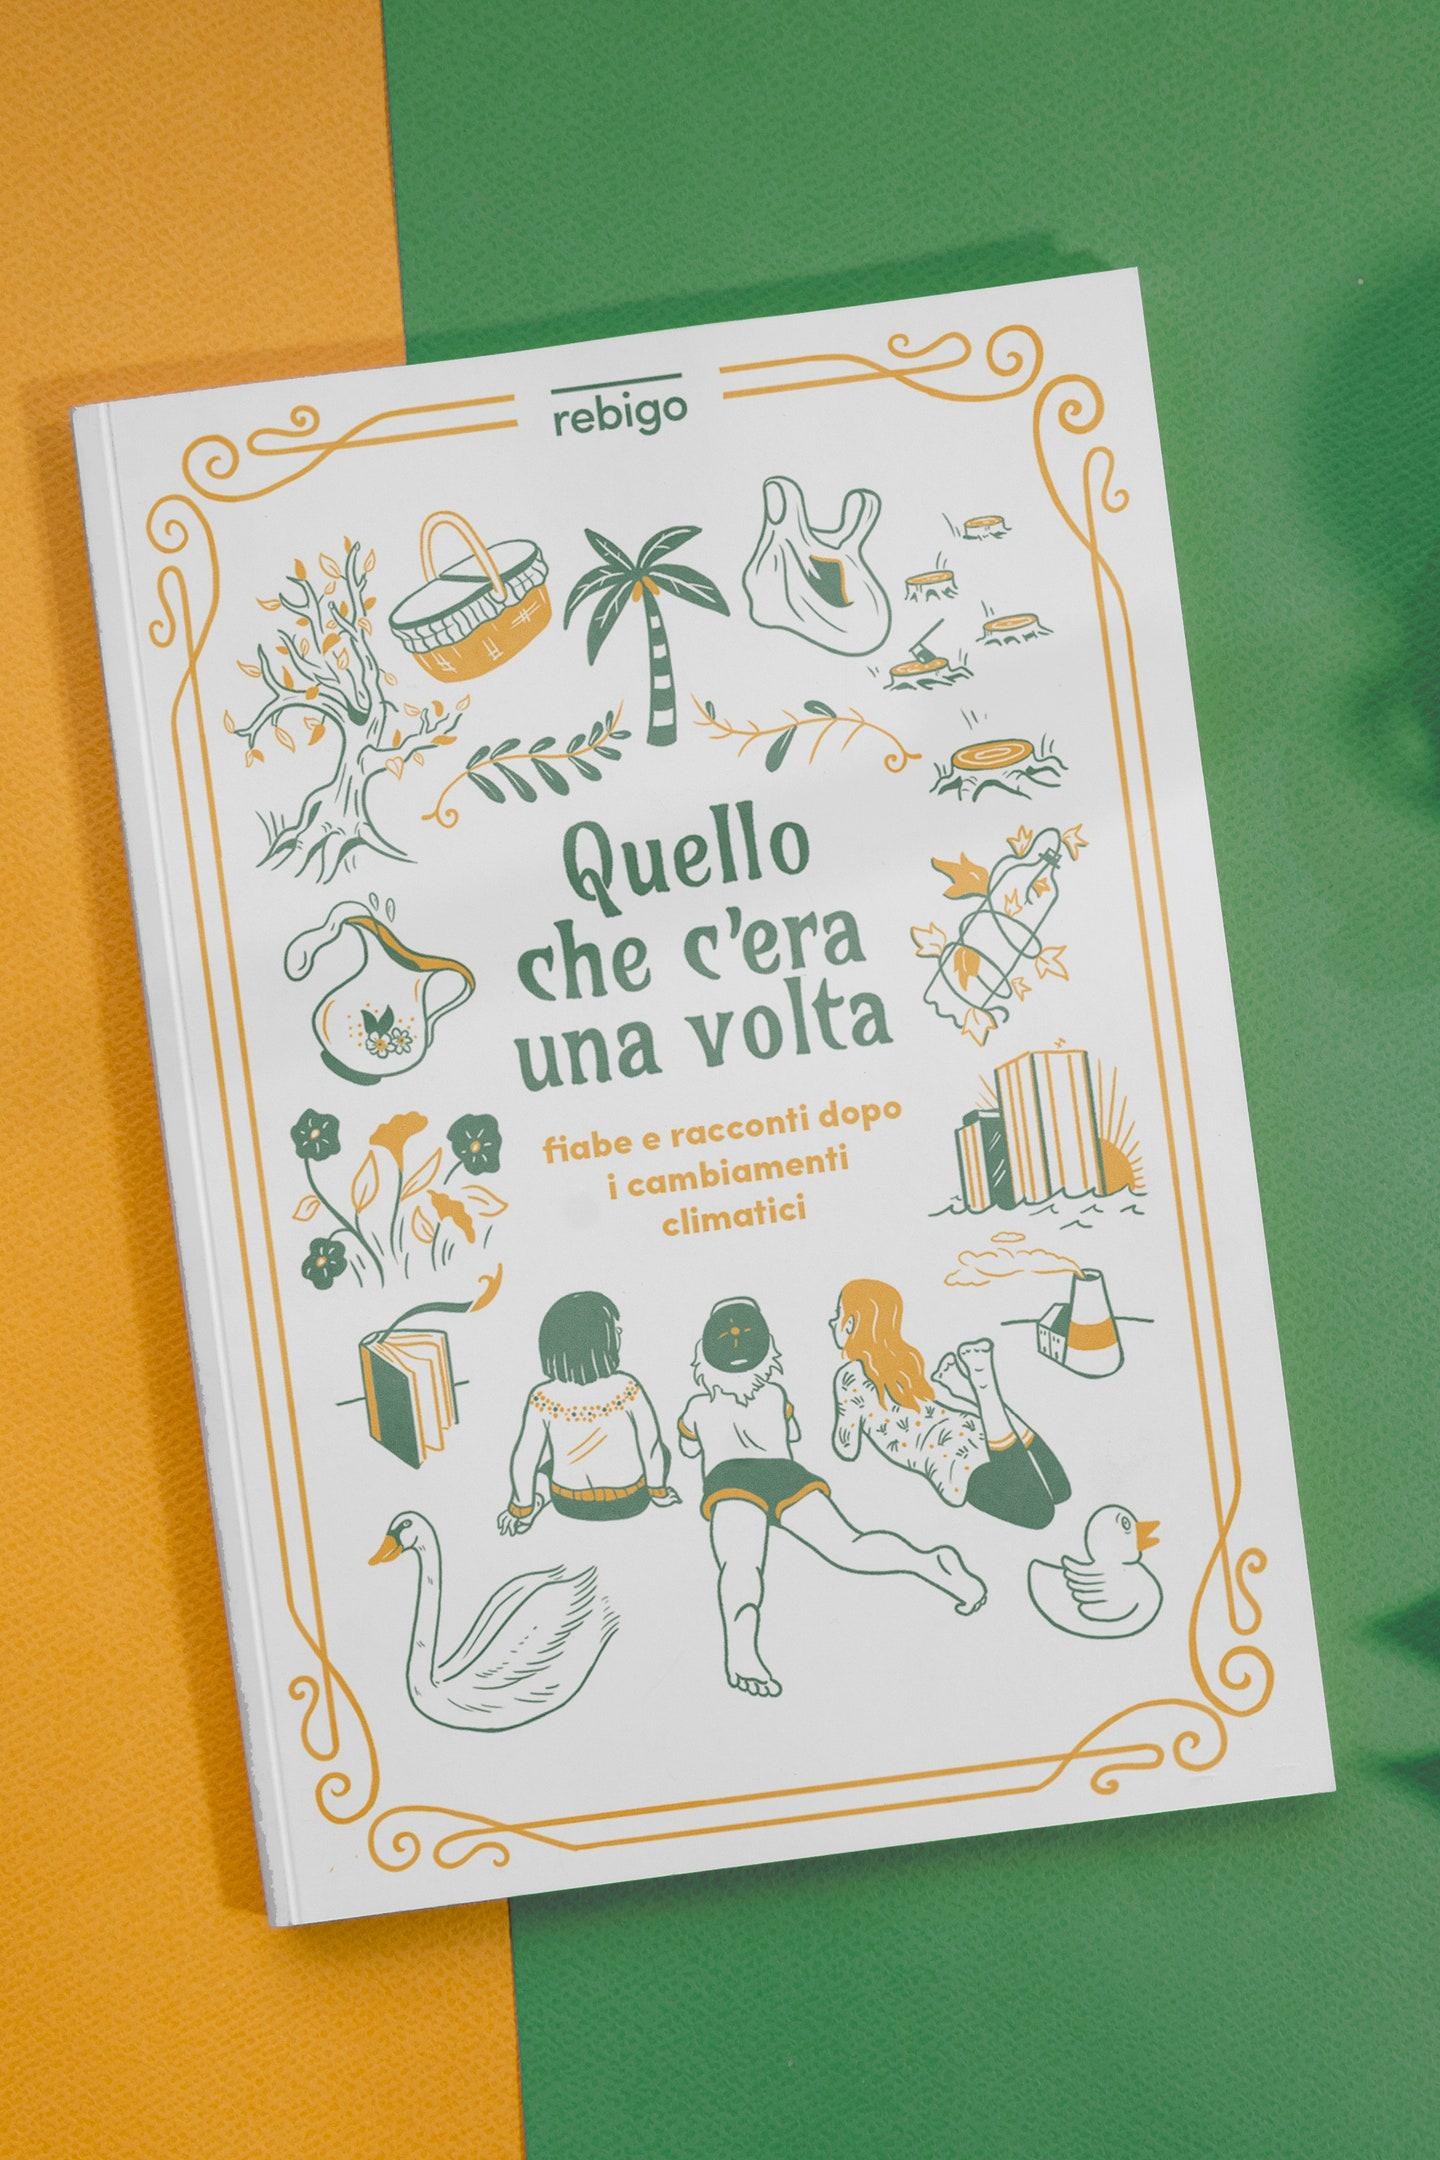 La copertina del nuovo libro illustrato dello Studio Rebigo